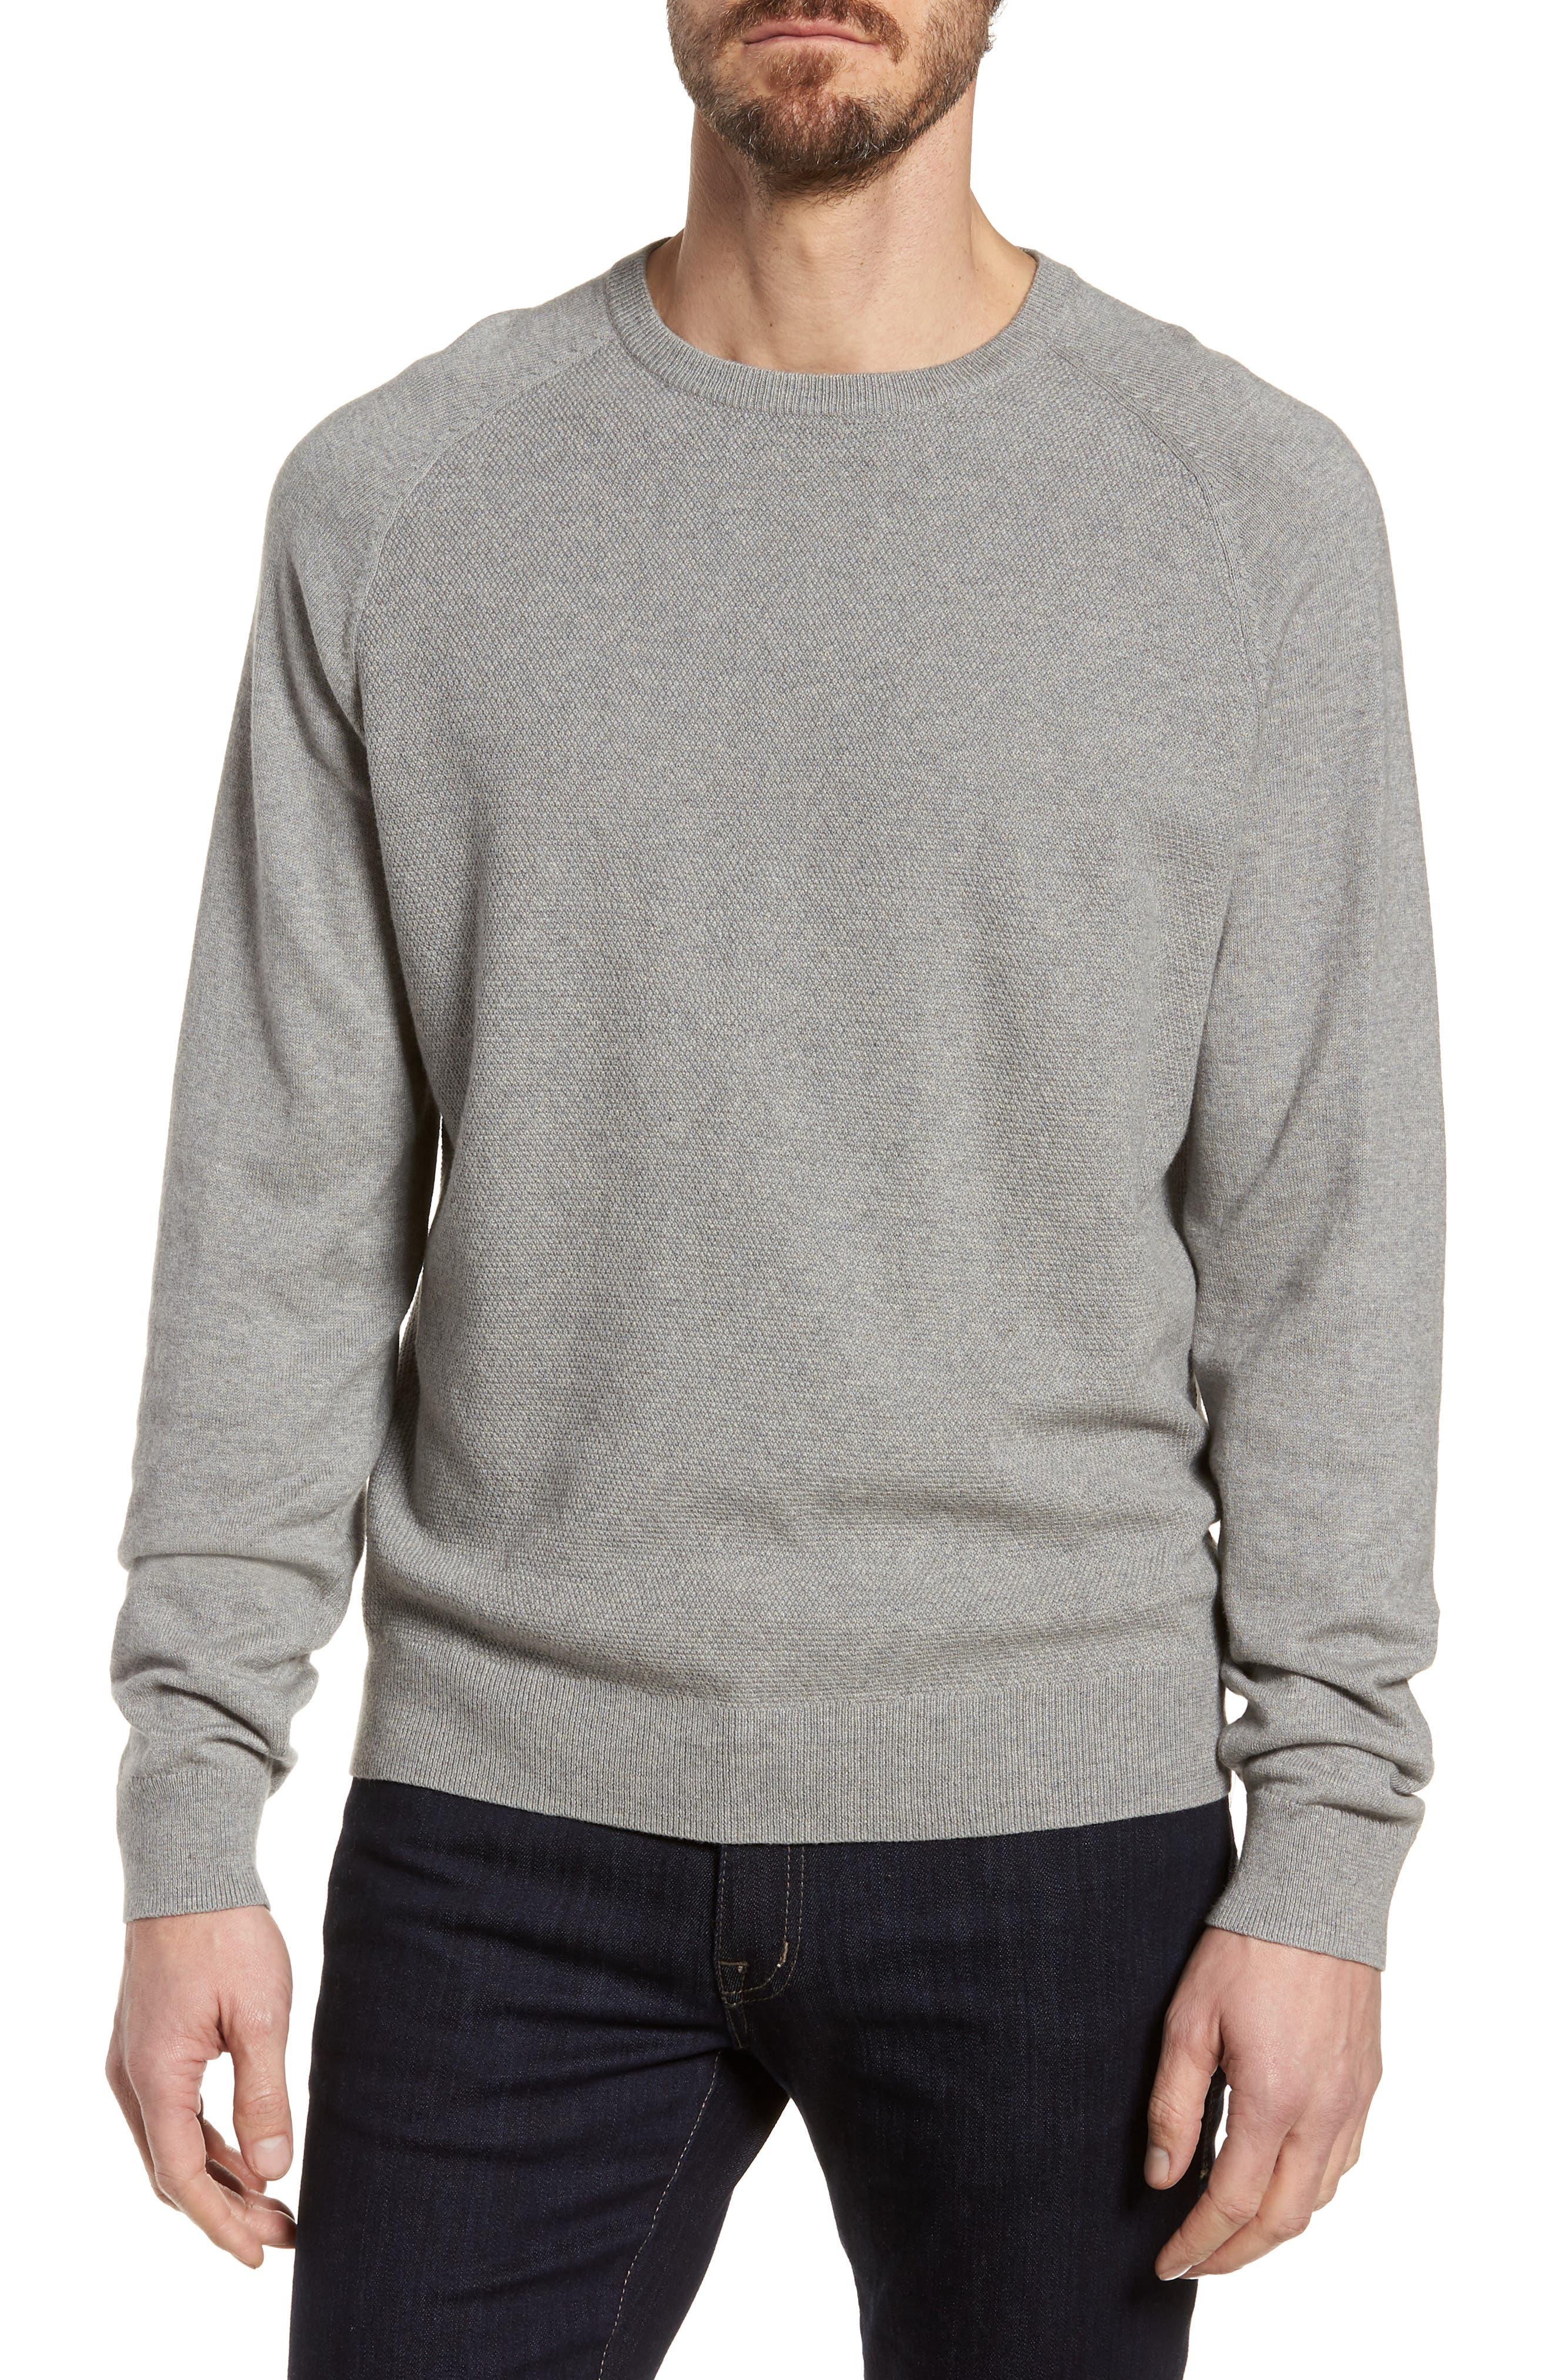 Crewneck Cotton & Cashmere Sweater,                         Main,                         color, Grey Medium Heather